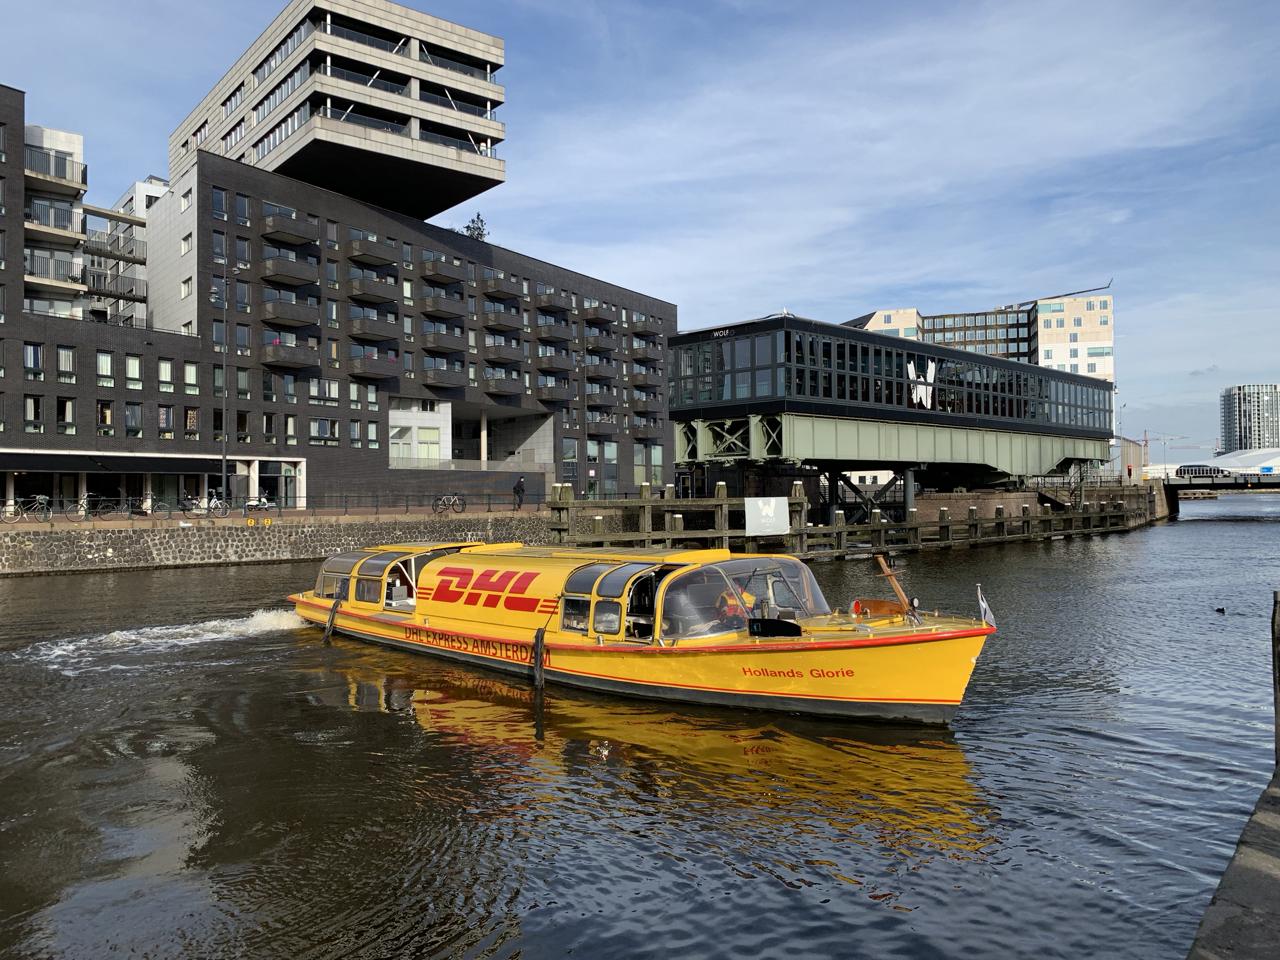 DHL Boot in Amsterdam / Influencer Marketing für DHL